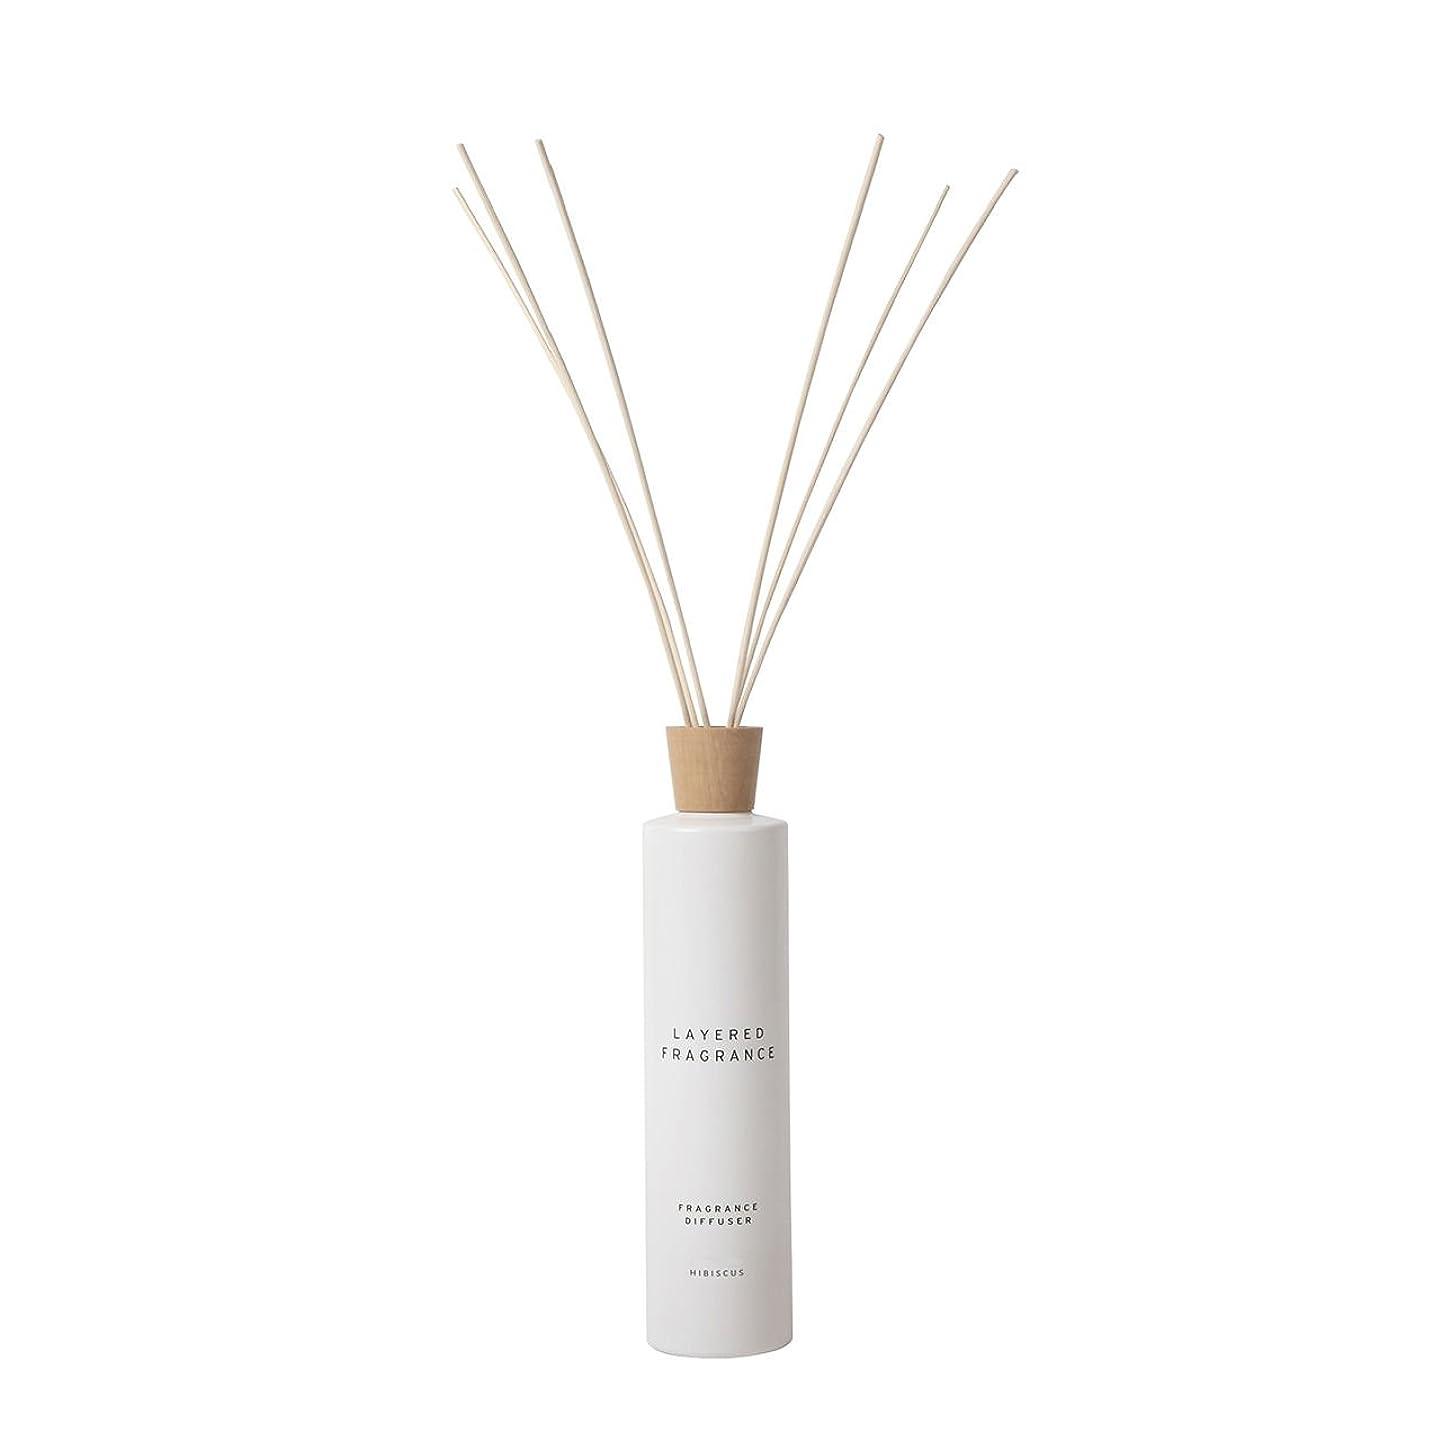 空間ごとに香りを使い分けて楽しむ レイヤードフレグランス フレグランスディフューザー ハイビスカス 500ml